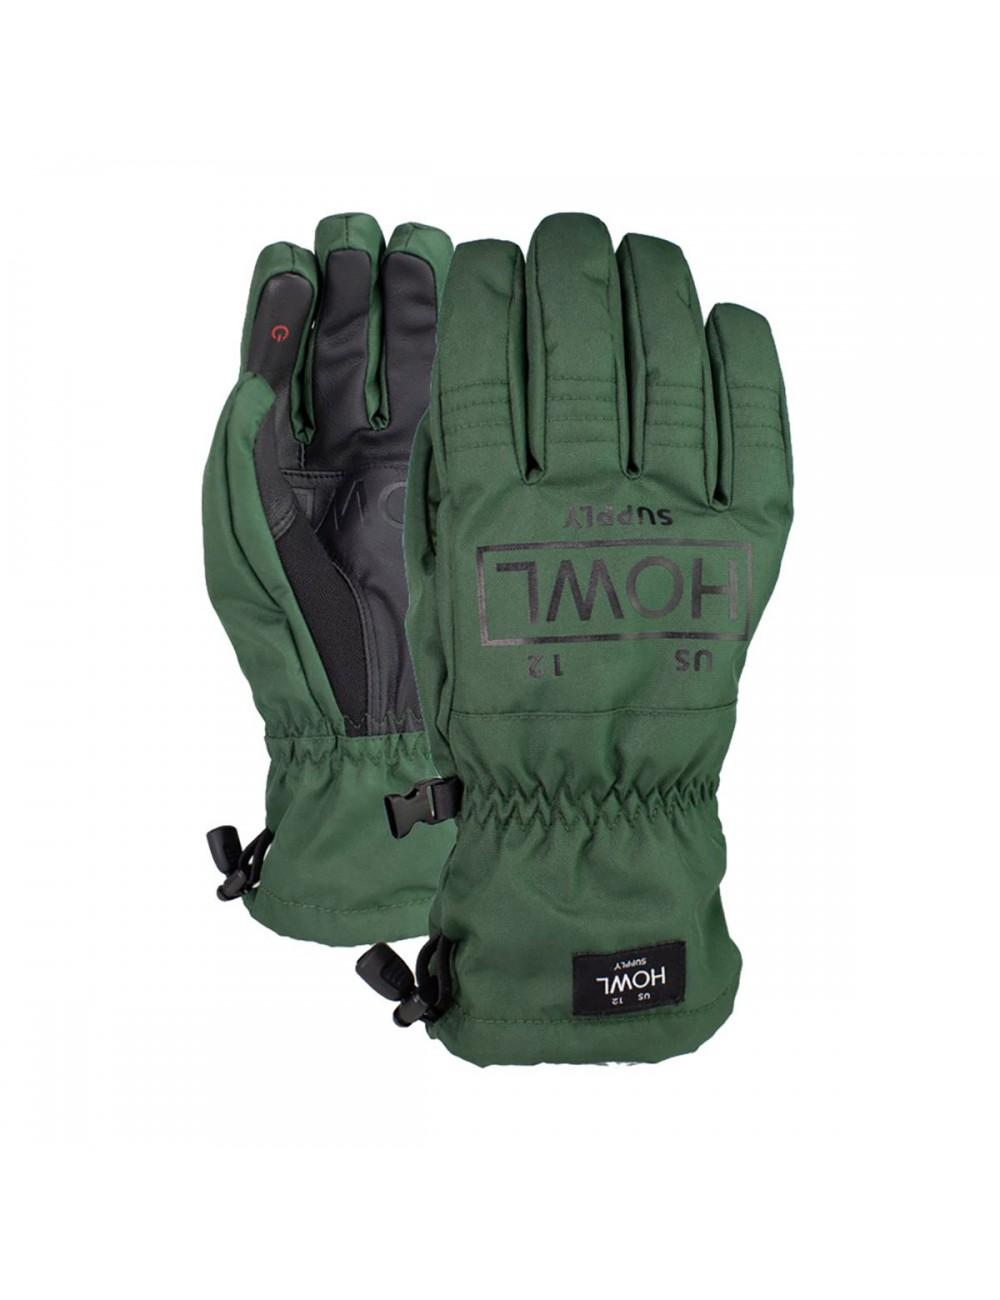 Howl Team Glove - Surplus_12609